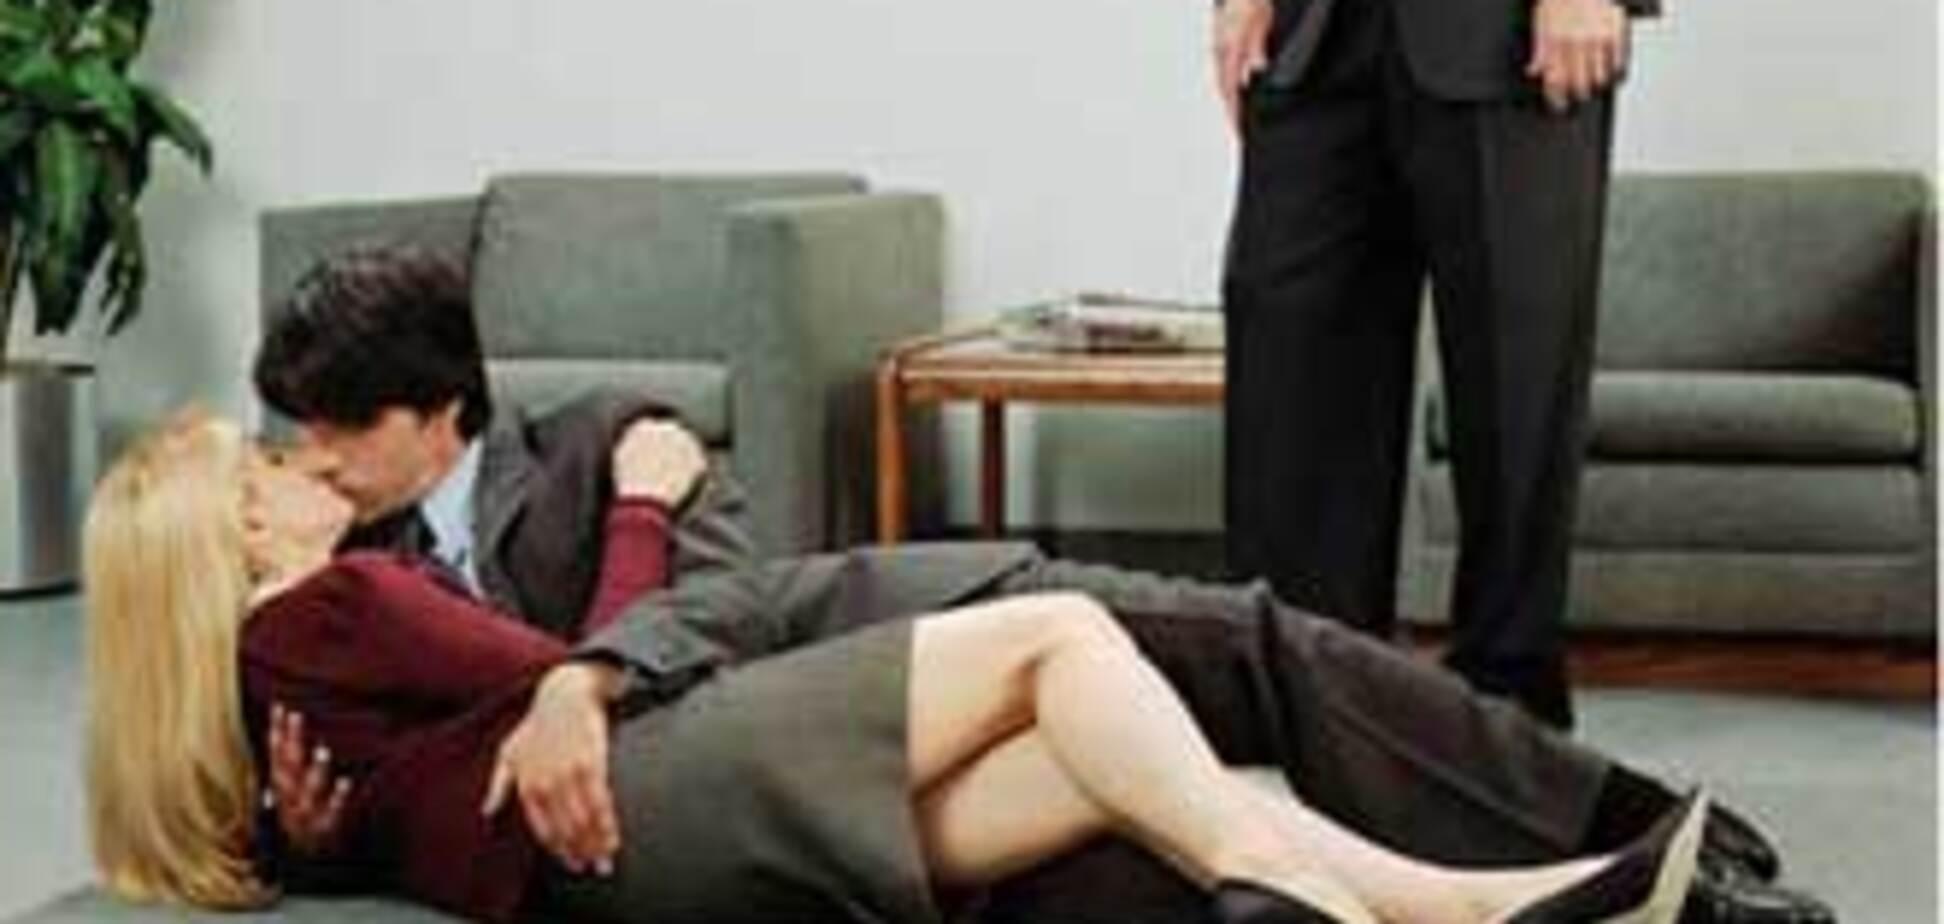 Секса в офисе больше не будет